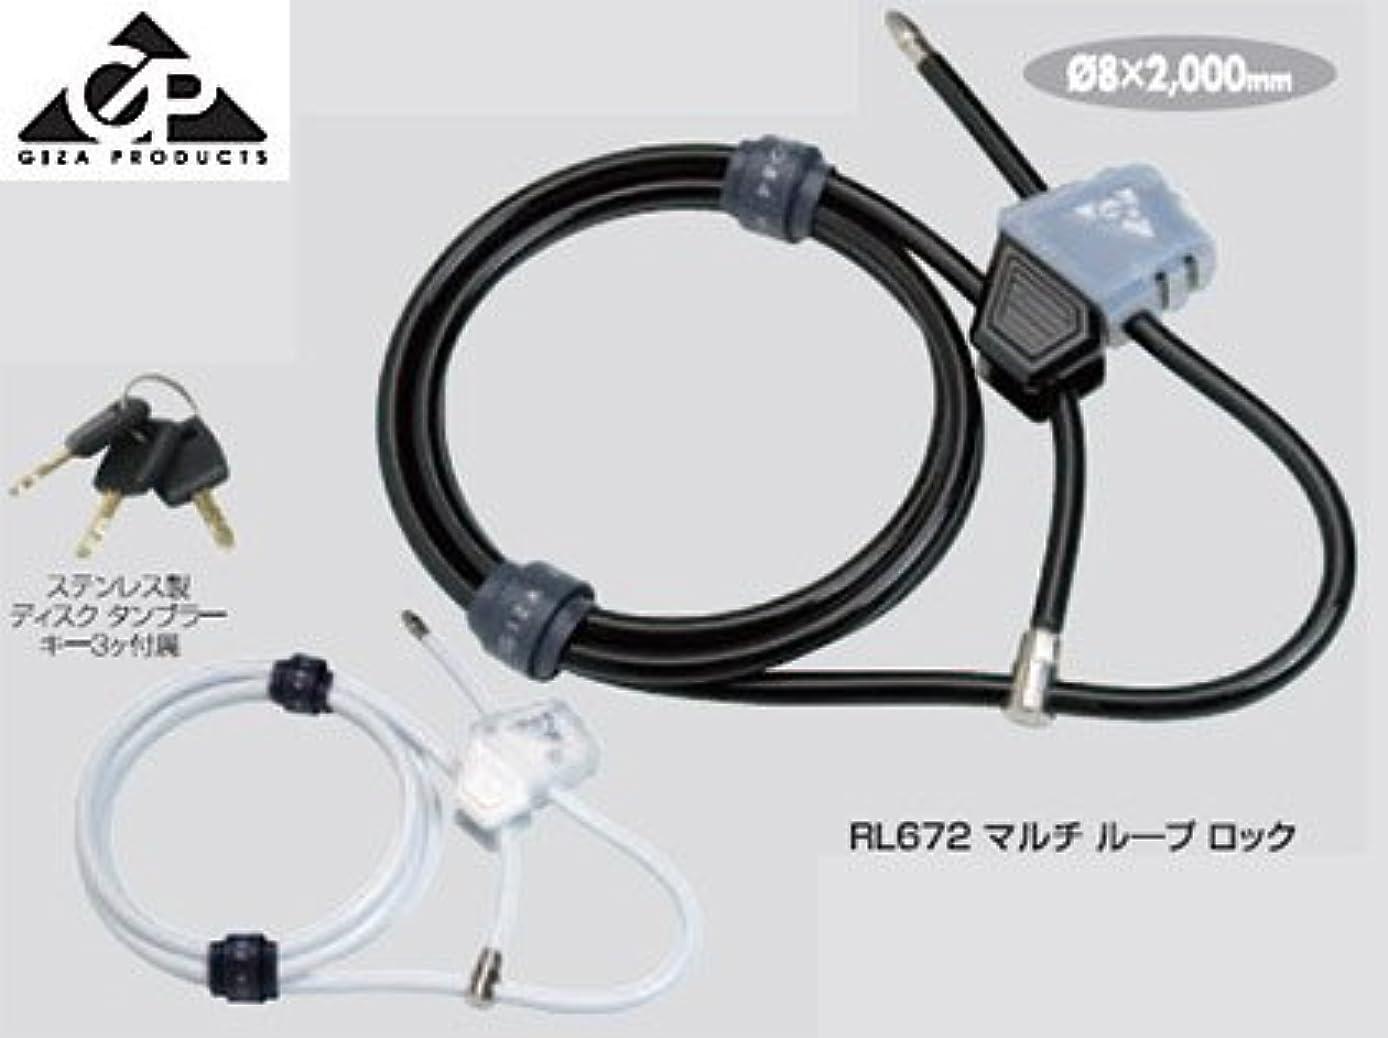 買い手偽善者ごちそうGIZA PRODUCTS(ギザプロダクツ) RL672 マルチループロック ブラック LKW16800